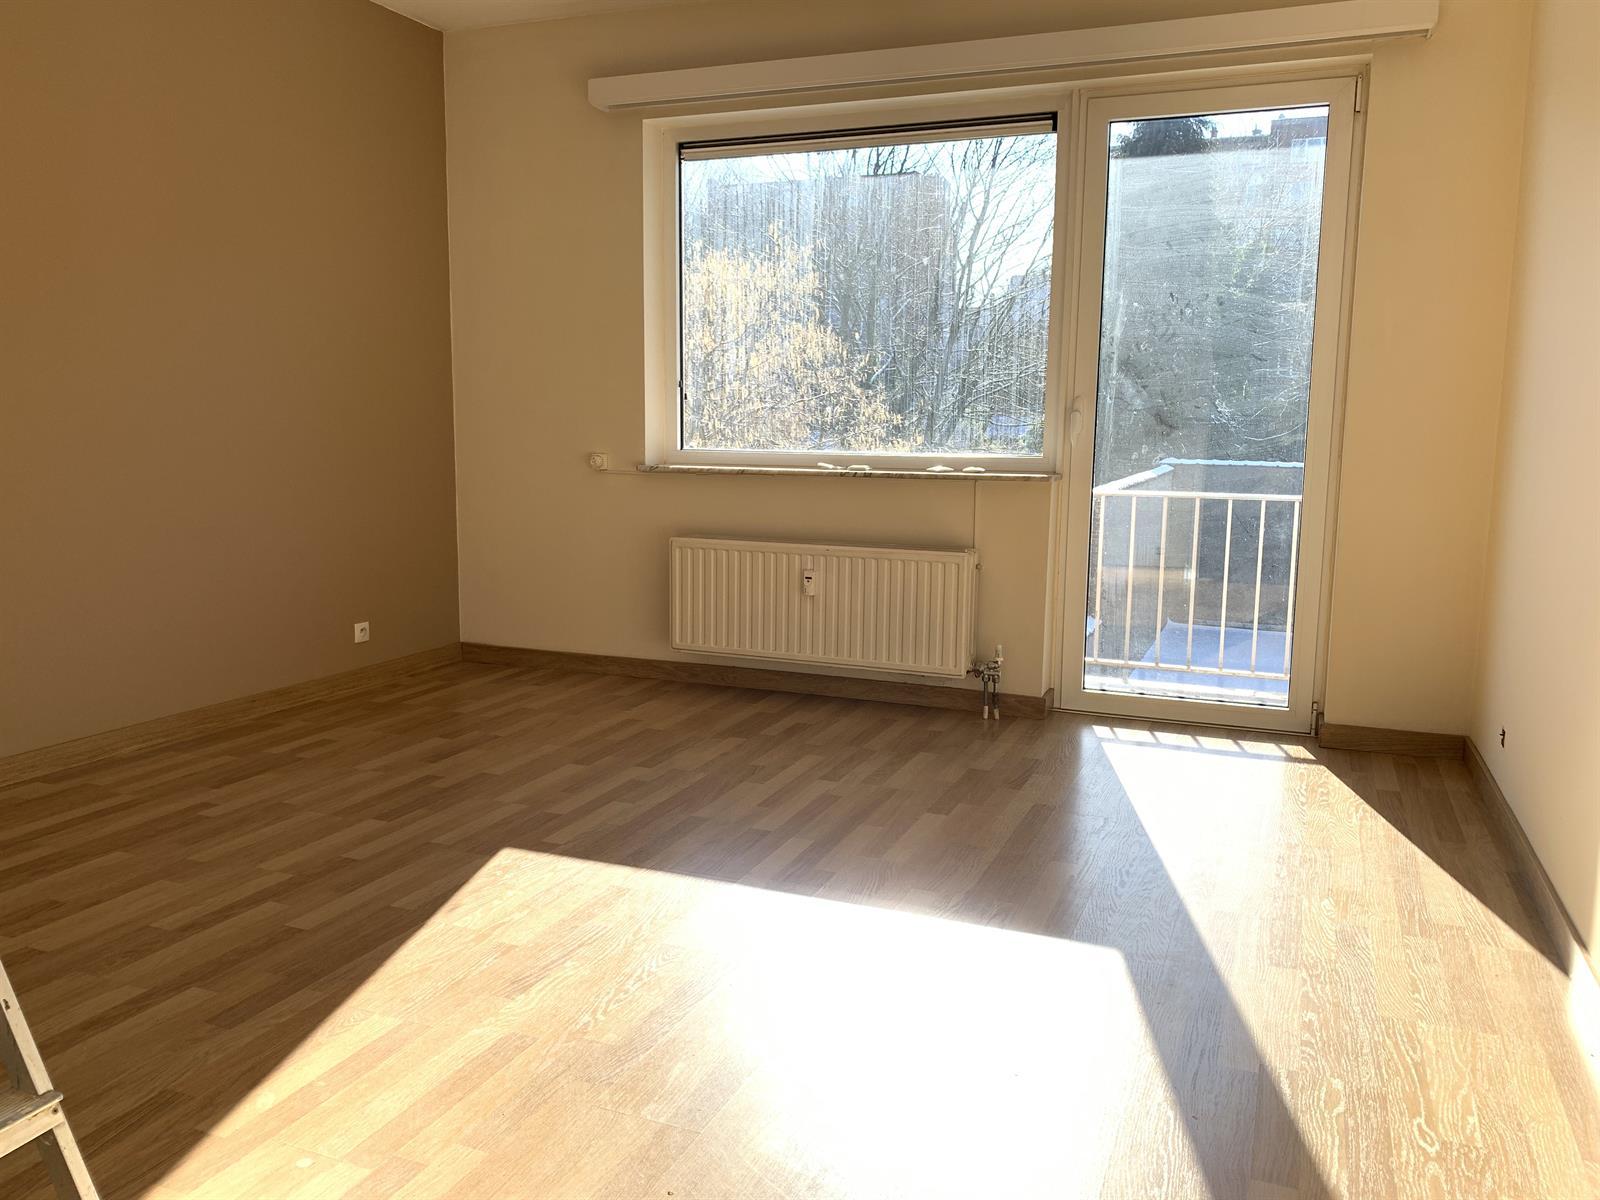 Appartement - Woluwe-Saint-Pierre - #4283207-7